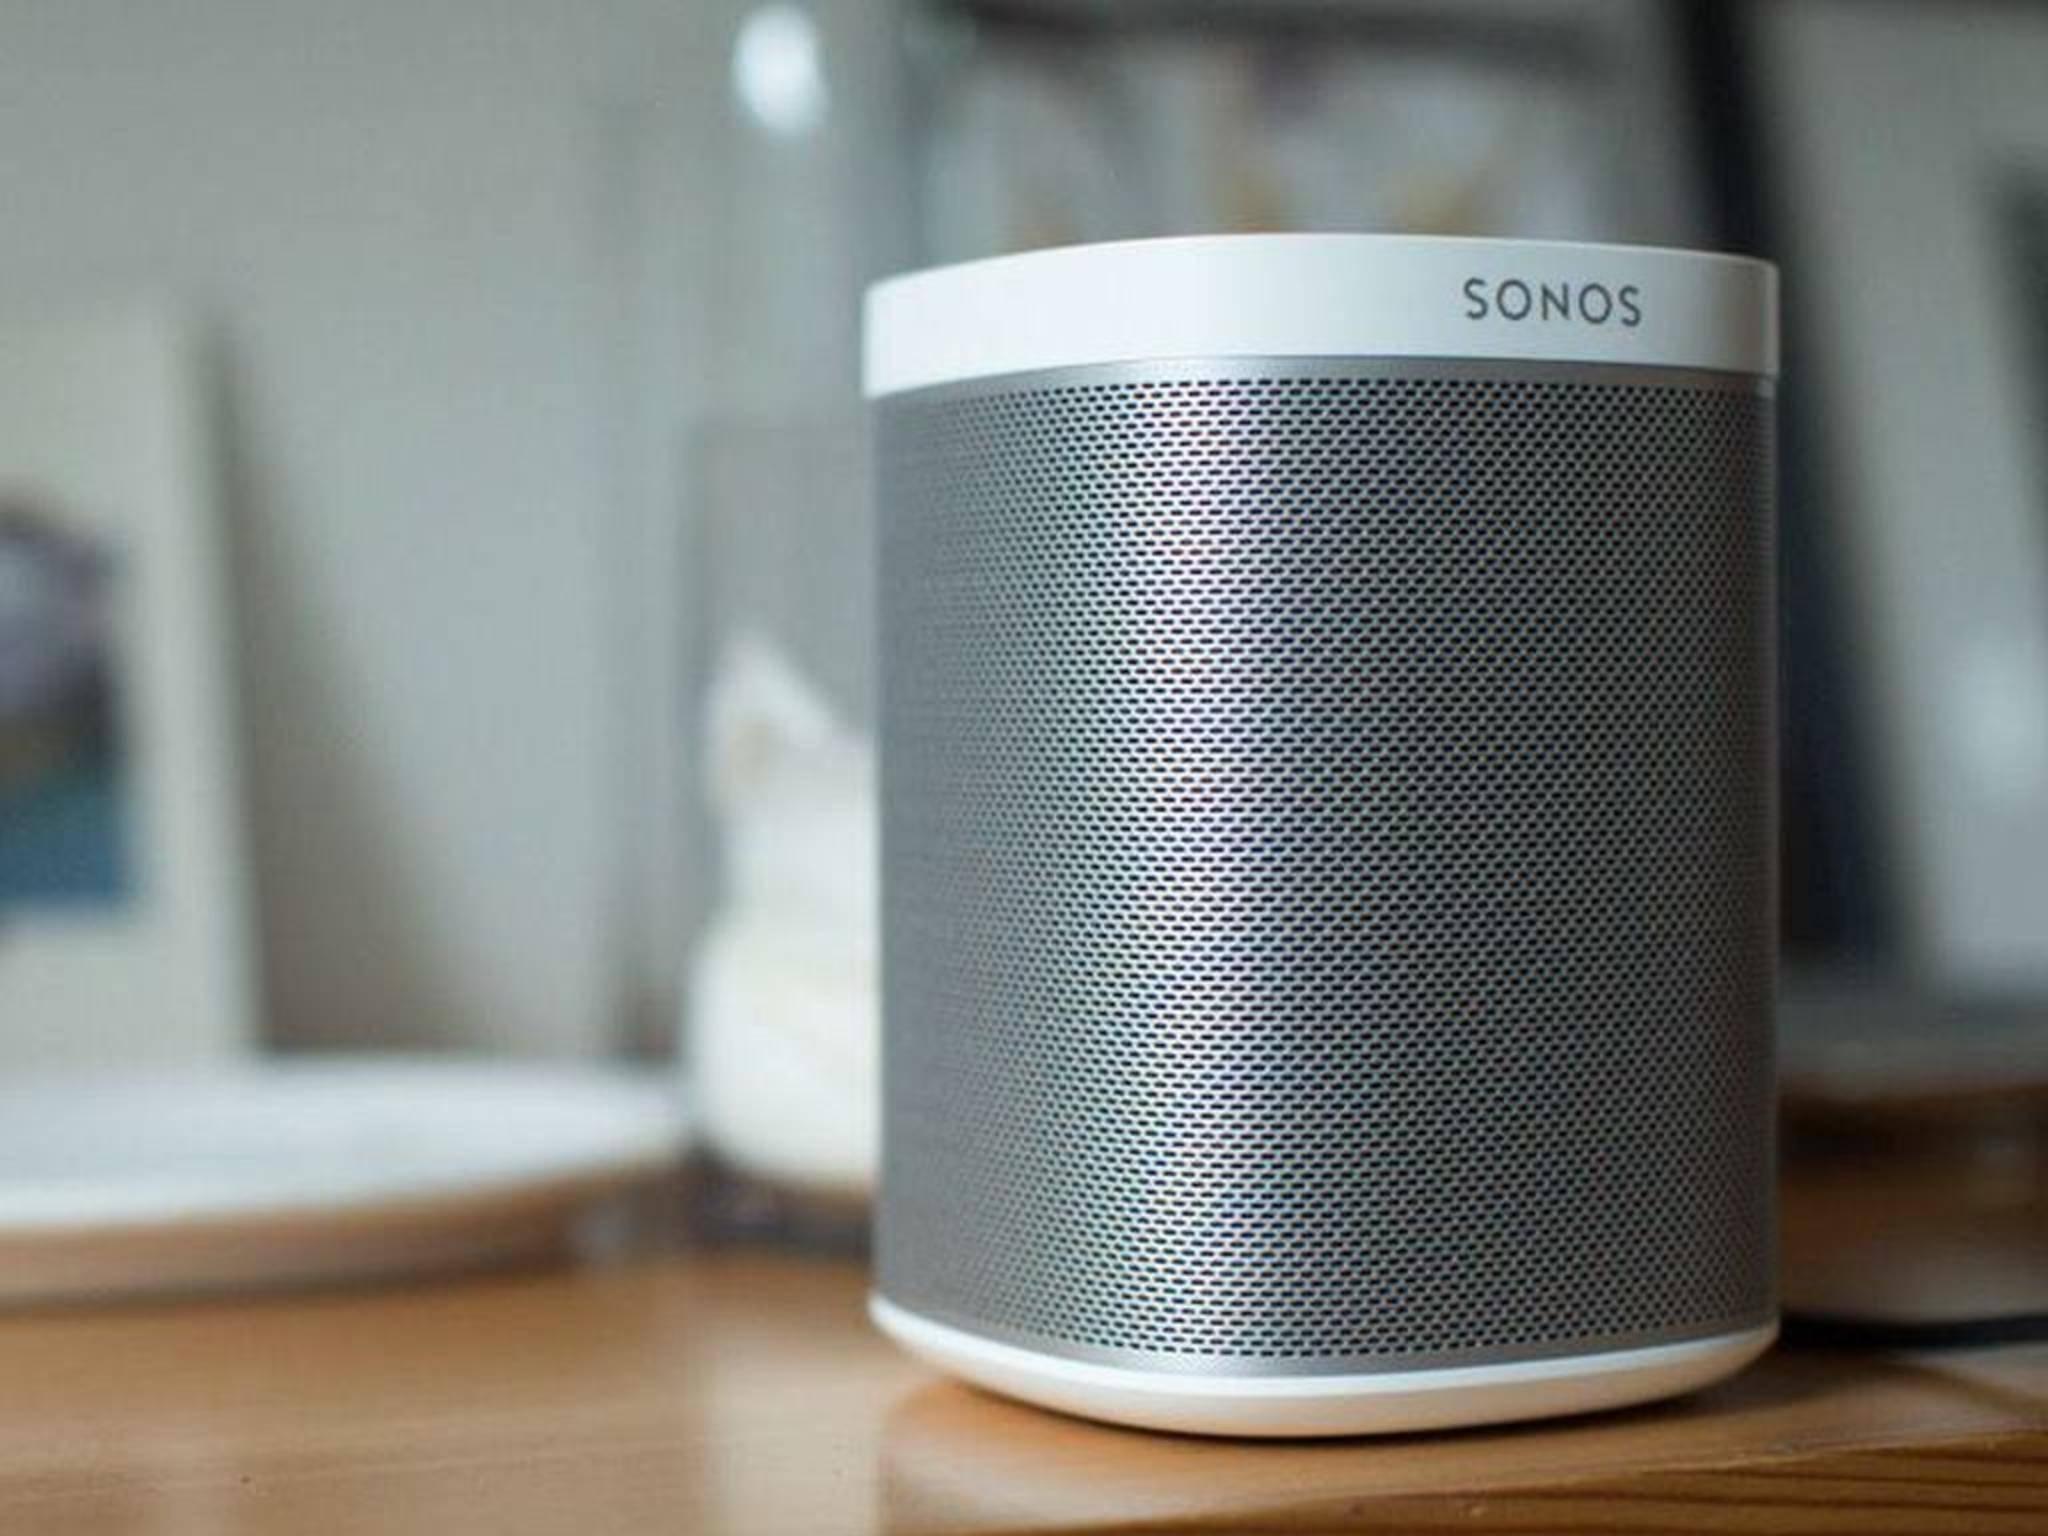 Den MP3-Player an ein Sonos-Gerät anzuschließen, ist ganz einfach. Wir sagen Dir, wie's geht.